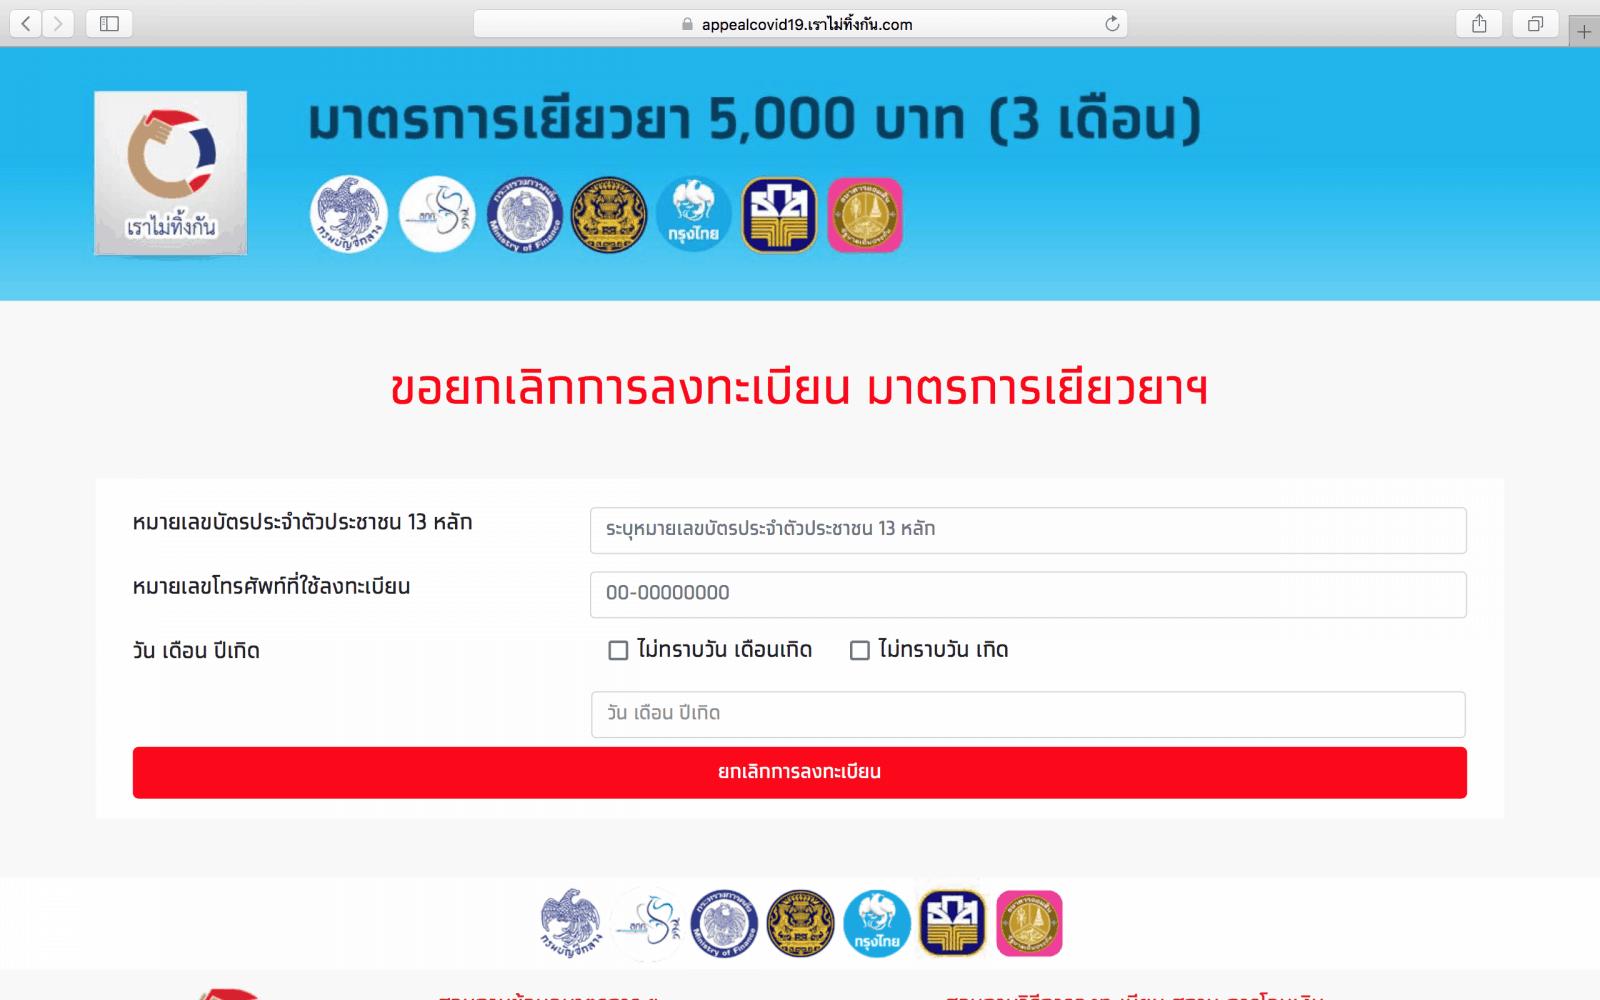 [ยกเลิกรับเงิน 5000] วิธีขอยกเลิกการลงทะเบียน www.เราไม่ทิ้งกัน.com